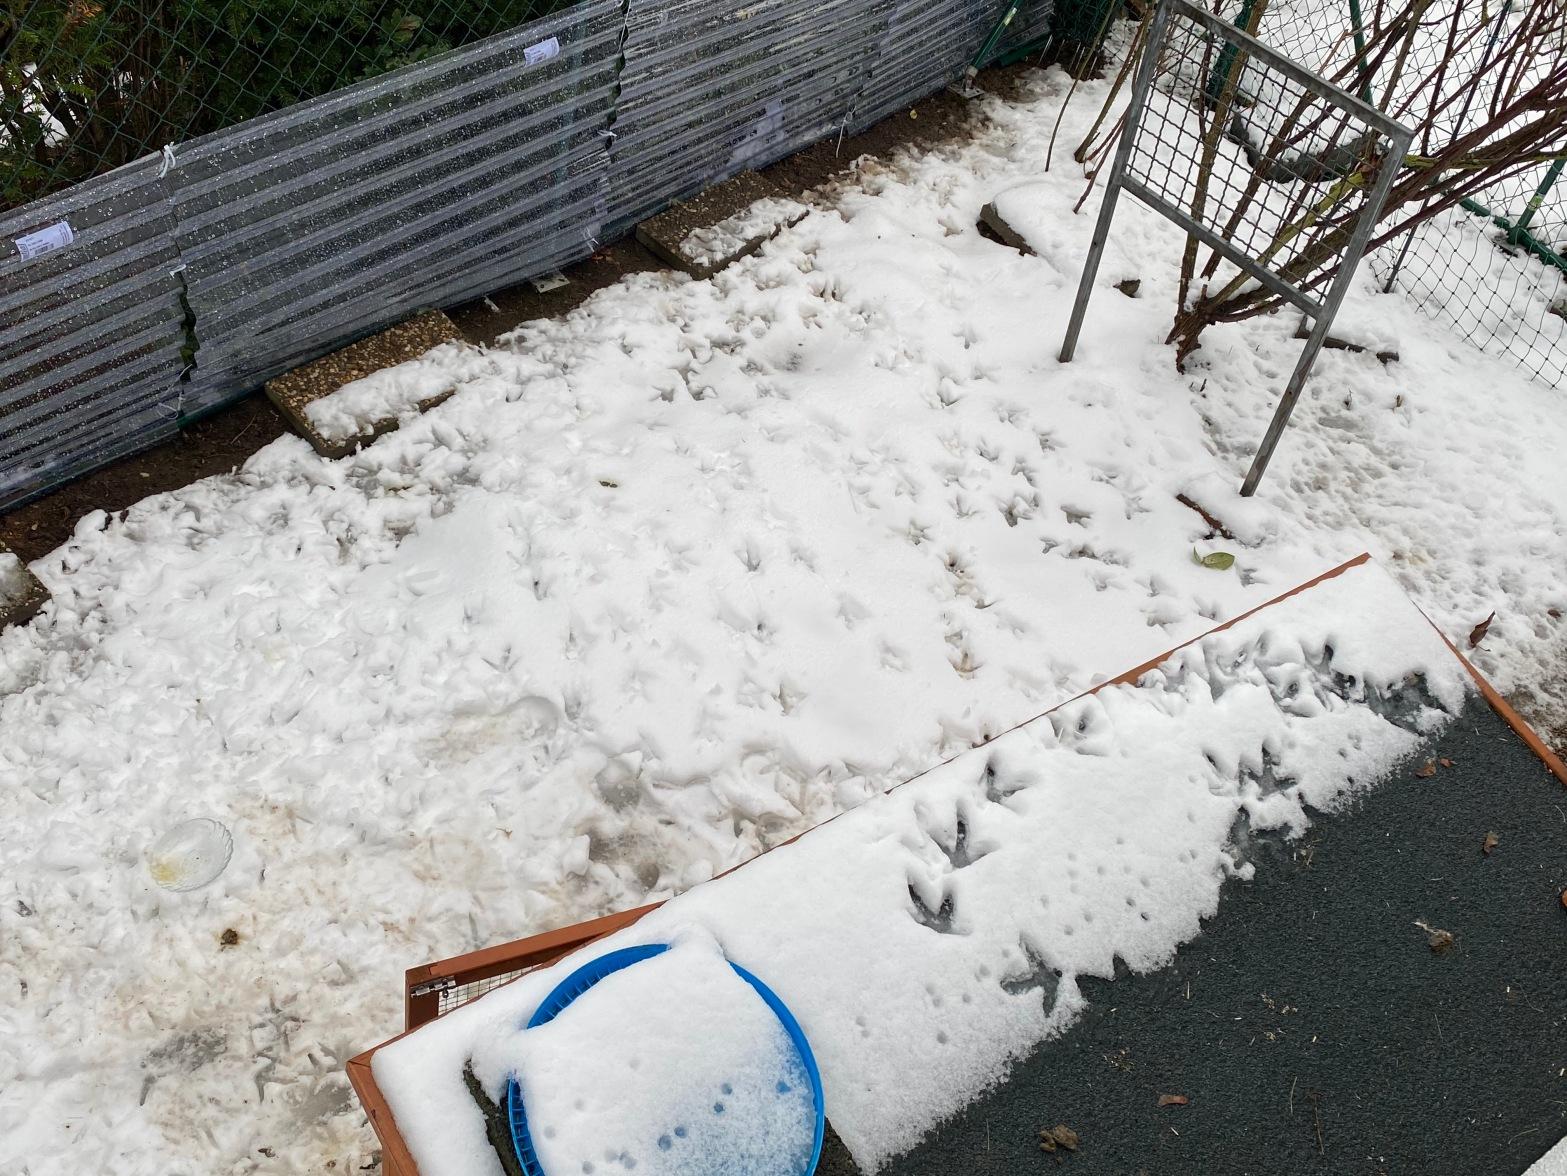 Hühnerspuren im Schnee